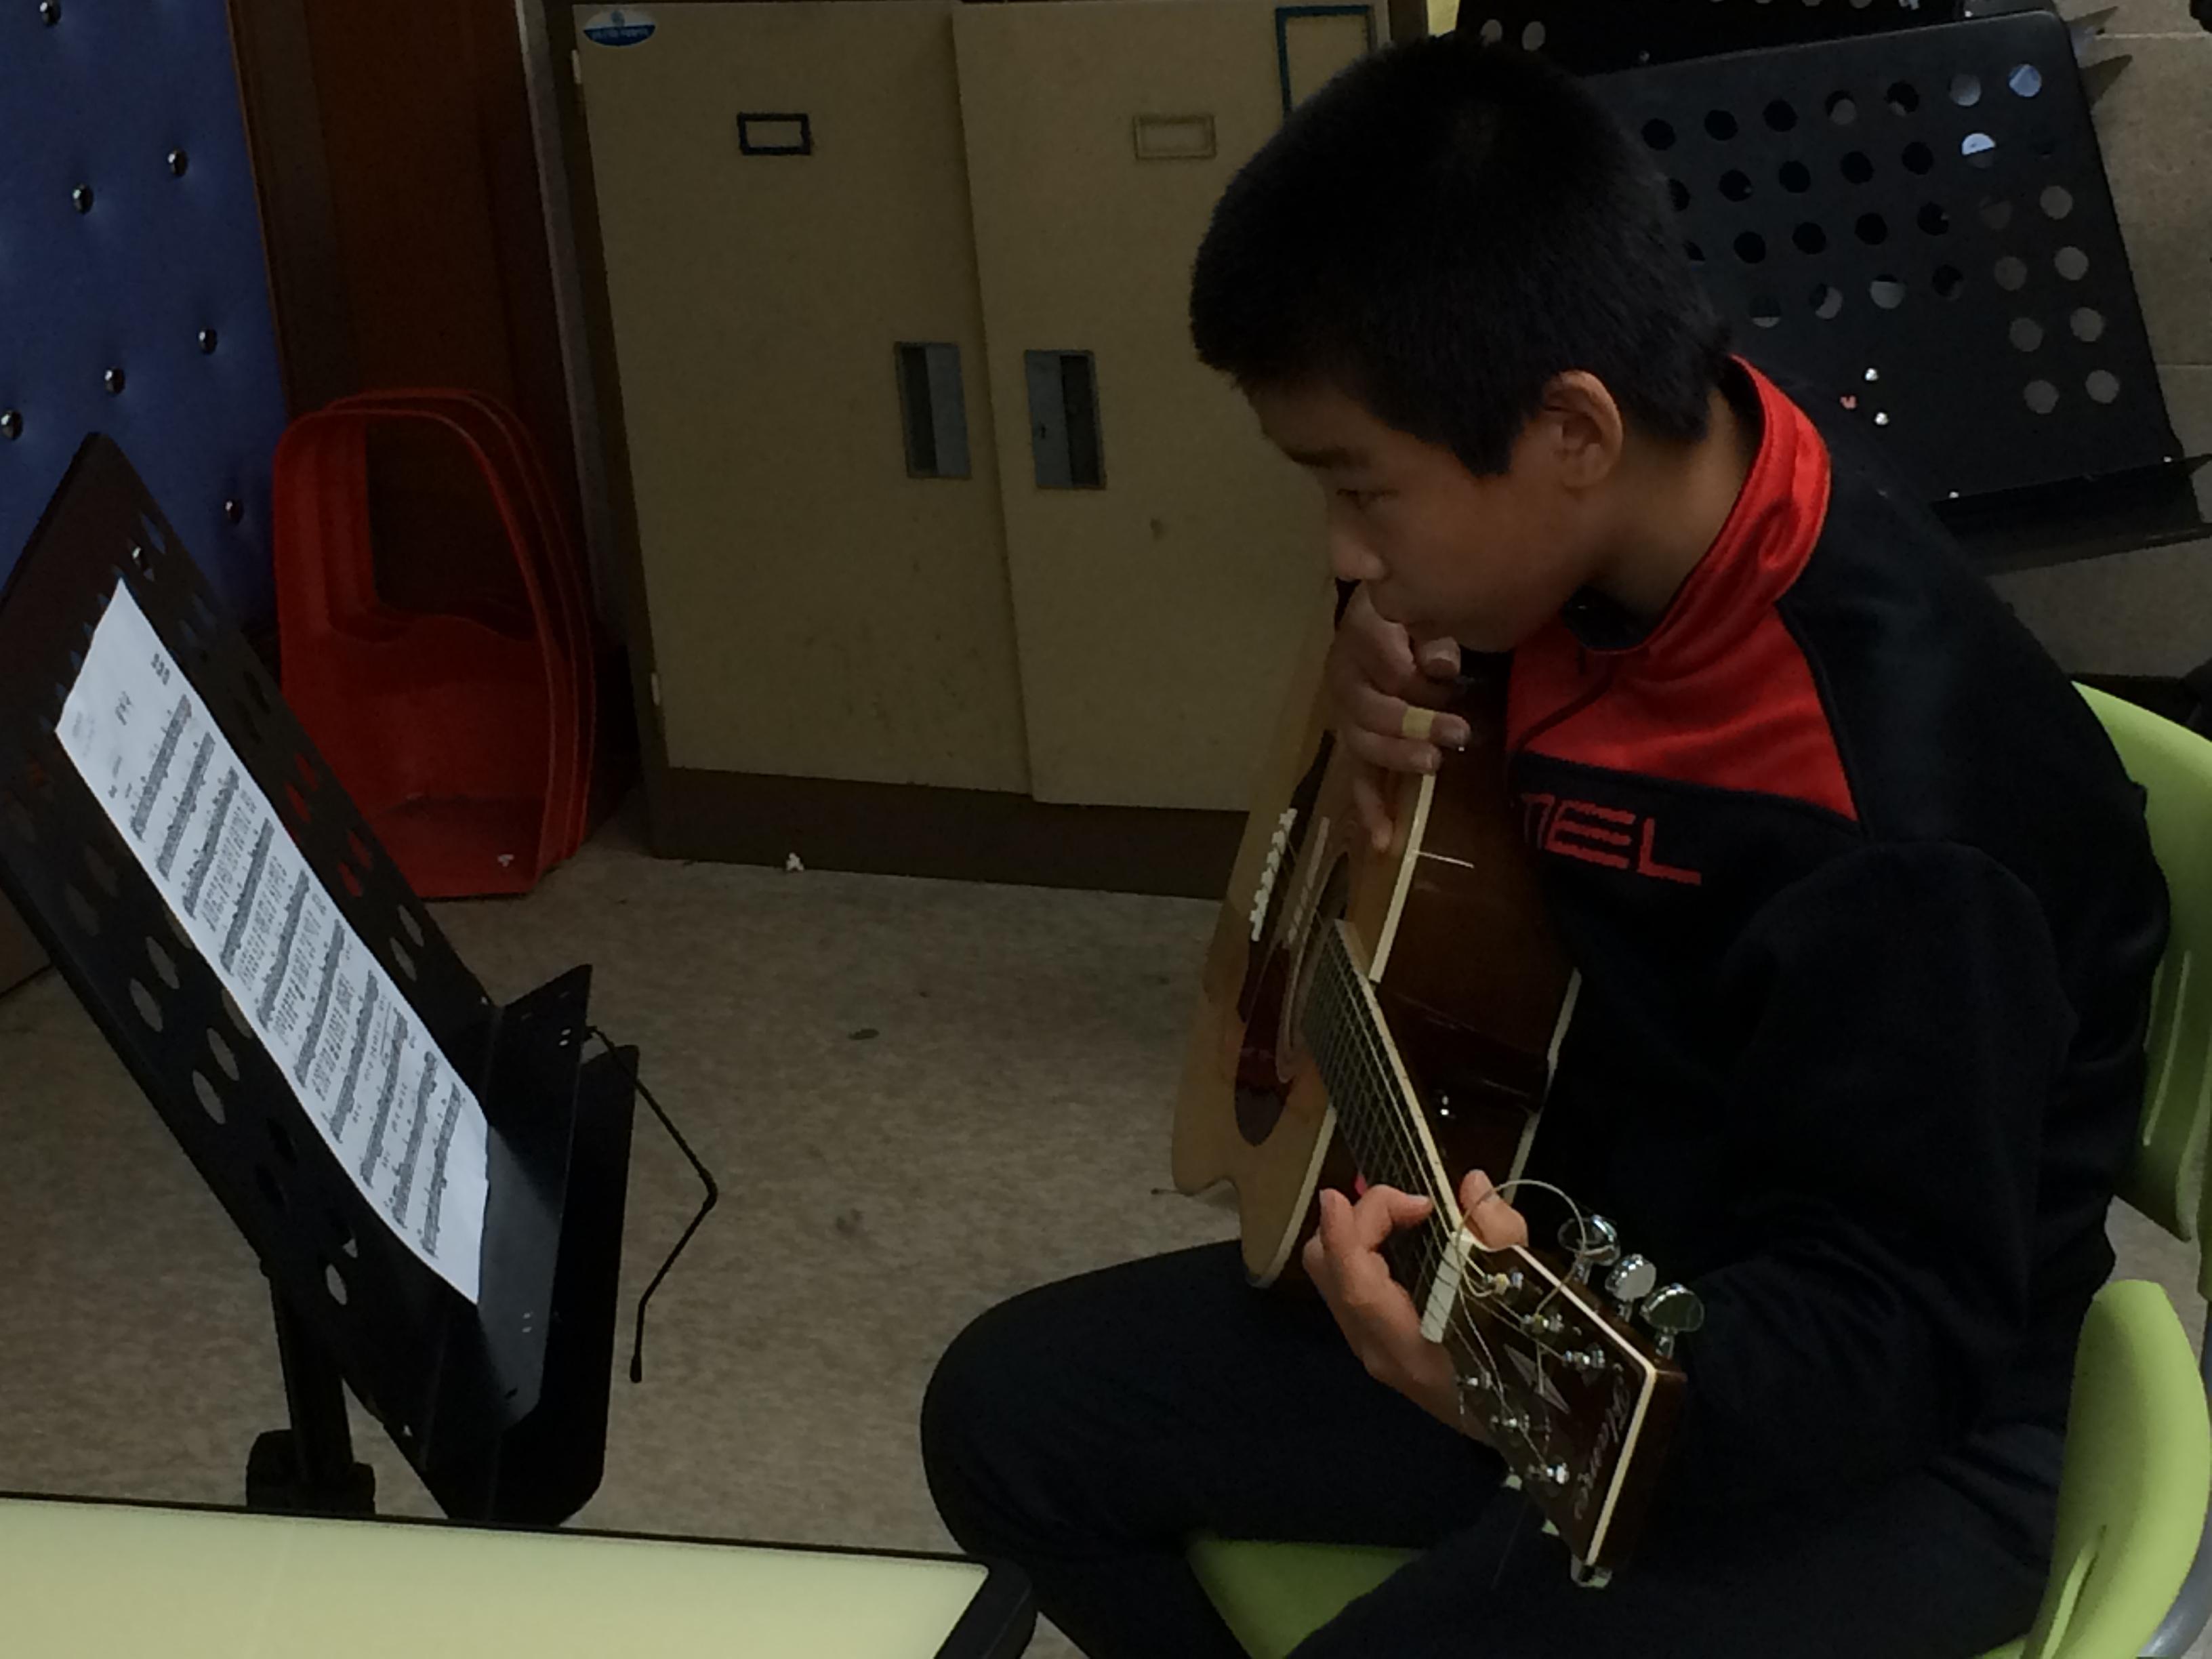 [일반] 동아리프로그램-기타연주반의 첨부이미지 2